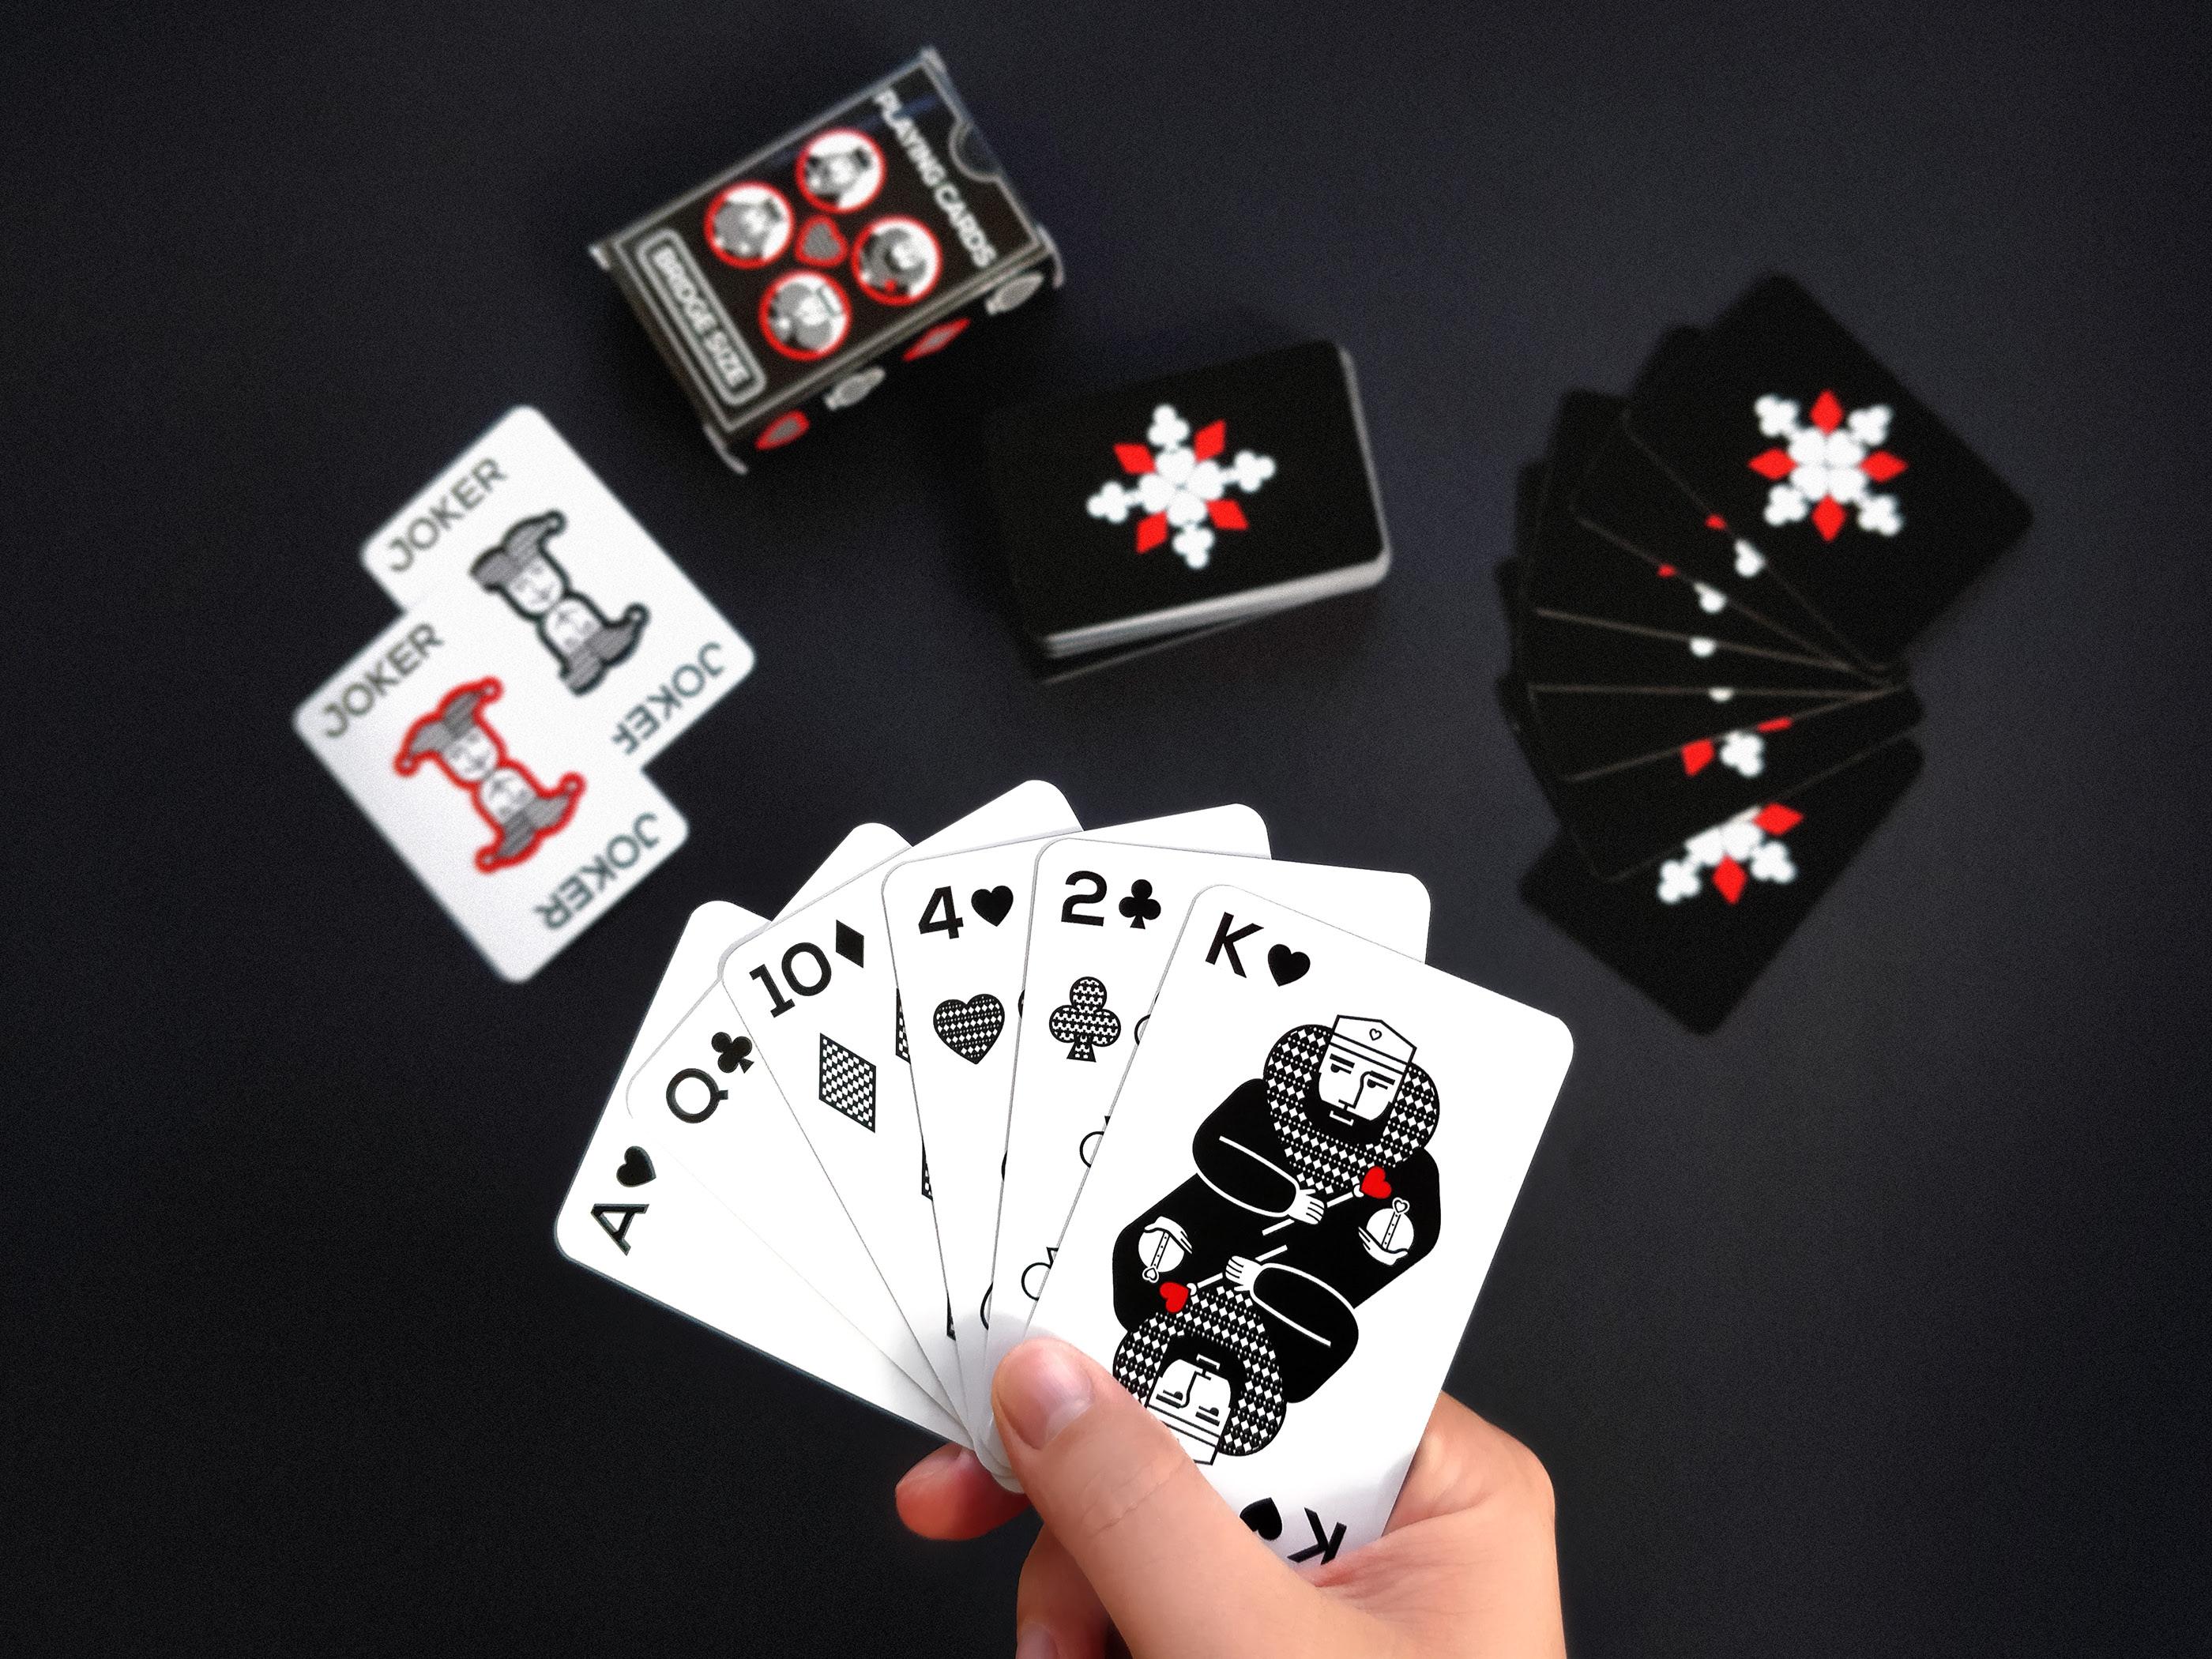 Гадания на картах джокер гадания на картах игральных на замужество онлайн бесплатно